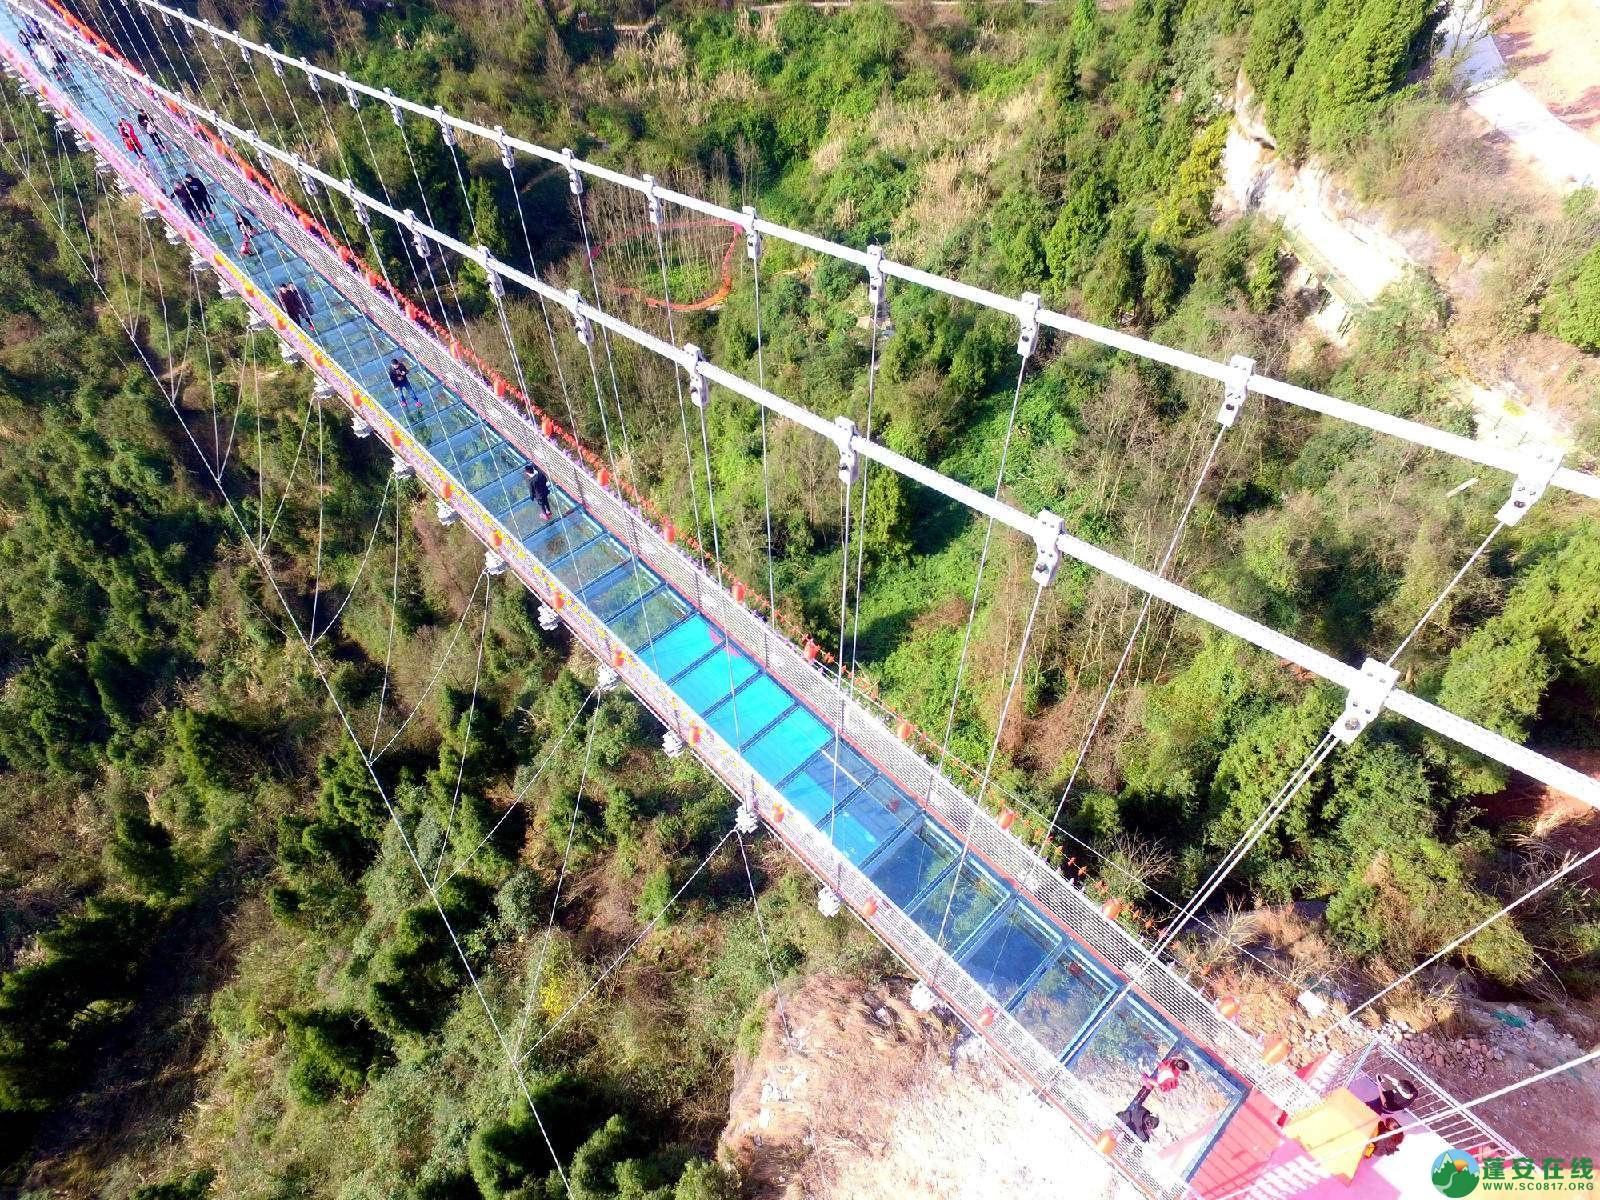 蓬安县正源镇红豆村首个悬空玻璃吊桥正式开放 - 第1张  | 蓬安在线